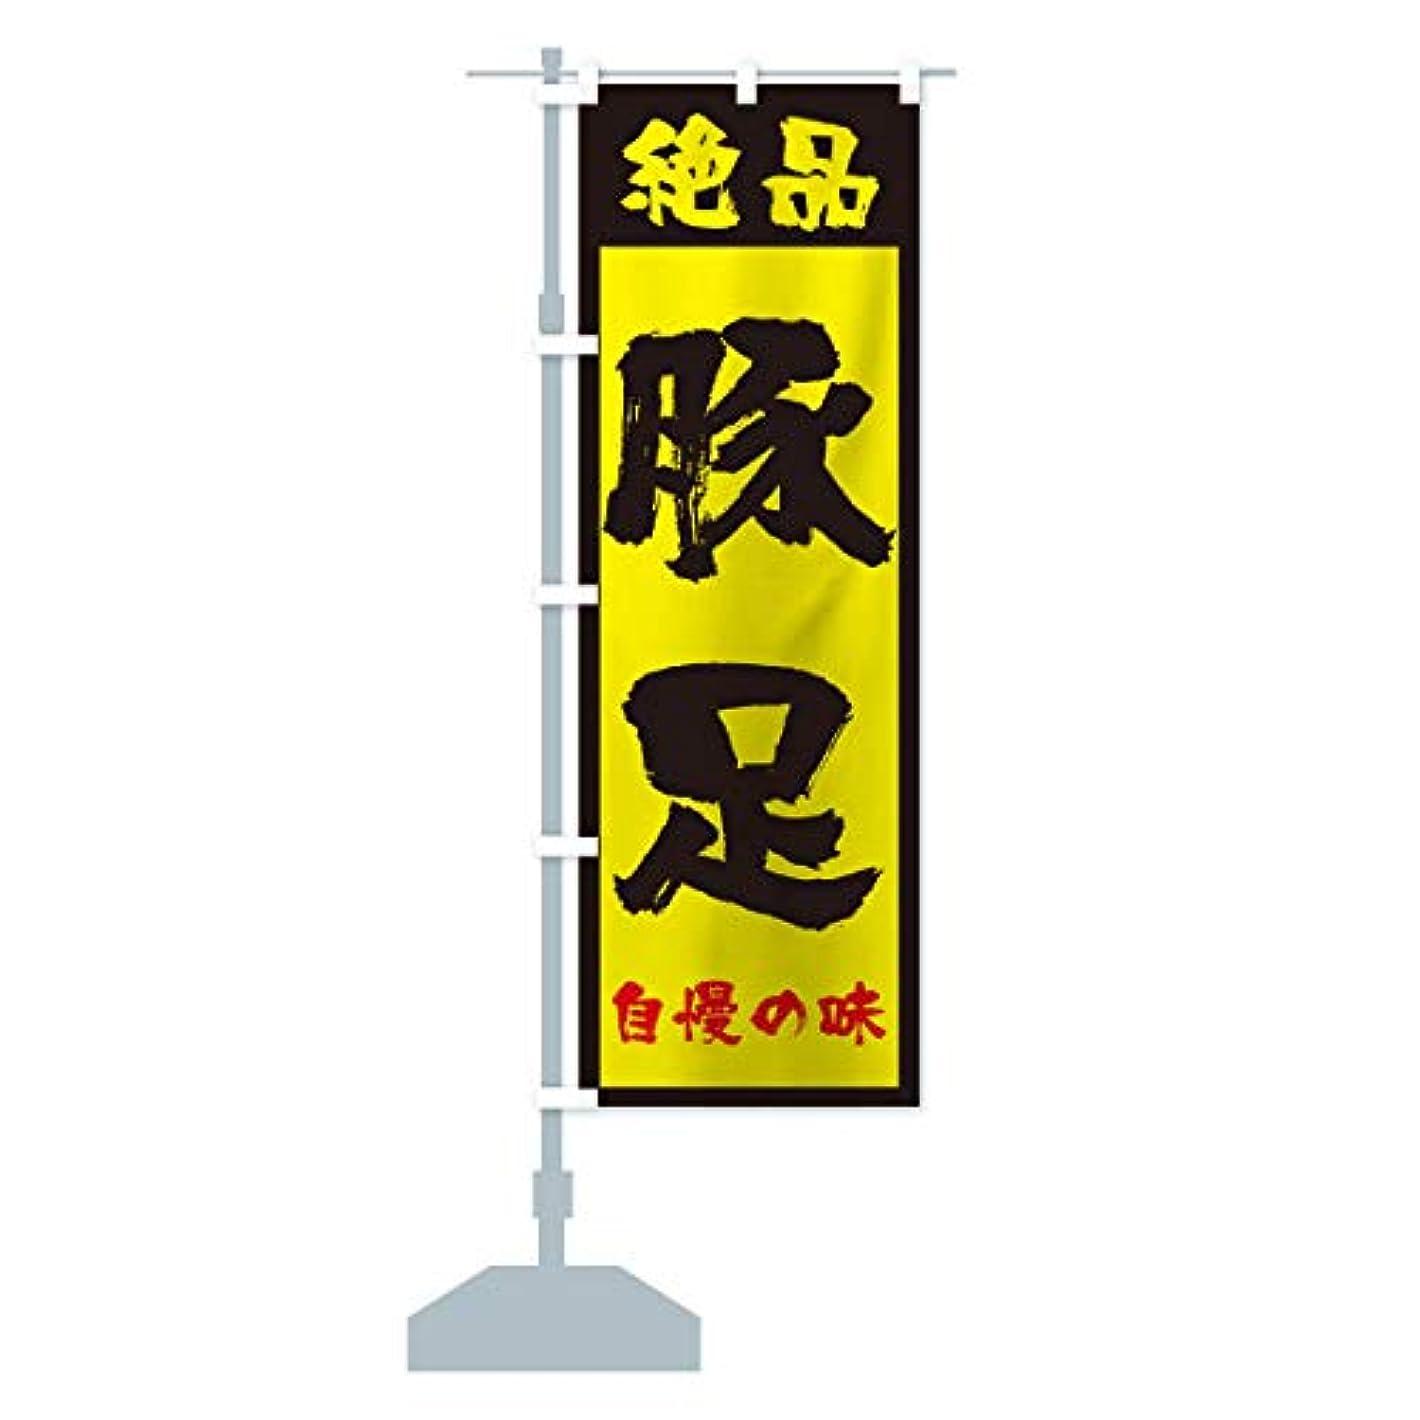 パラナ川過ち経験者豚足 のぼり旗(レギュラー60x180cm 左チチ 標準)